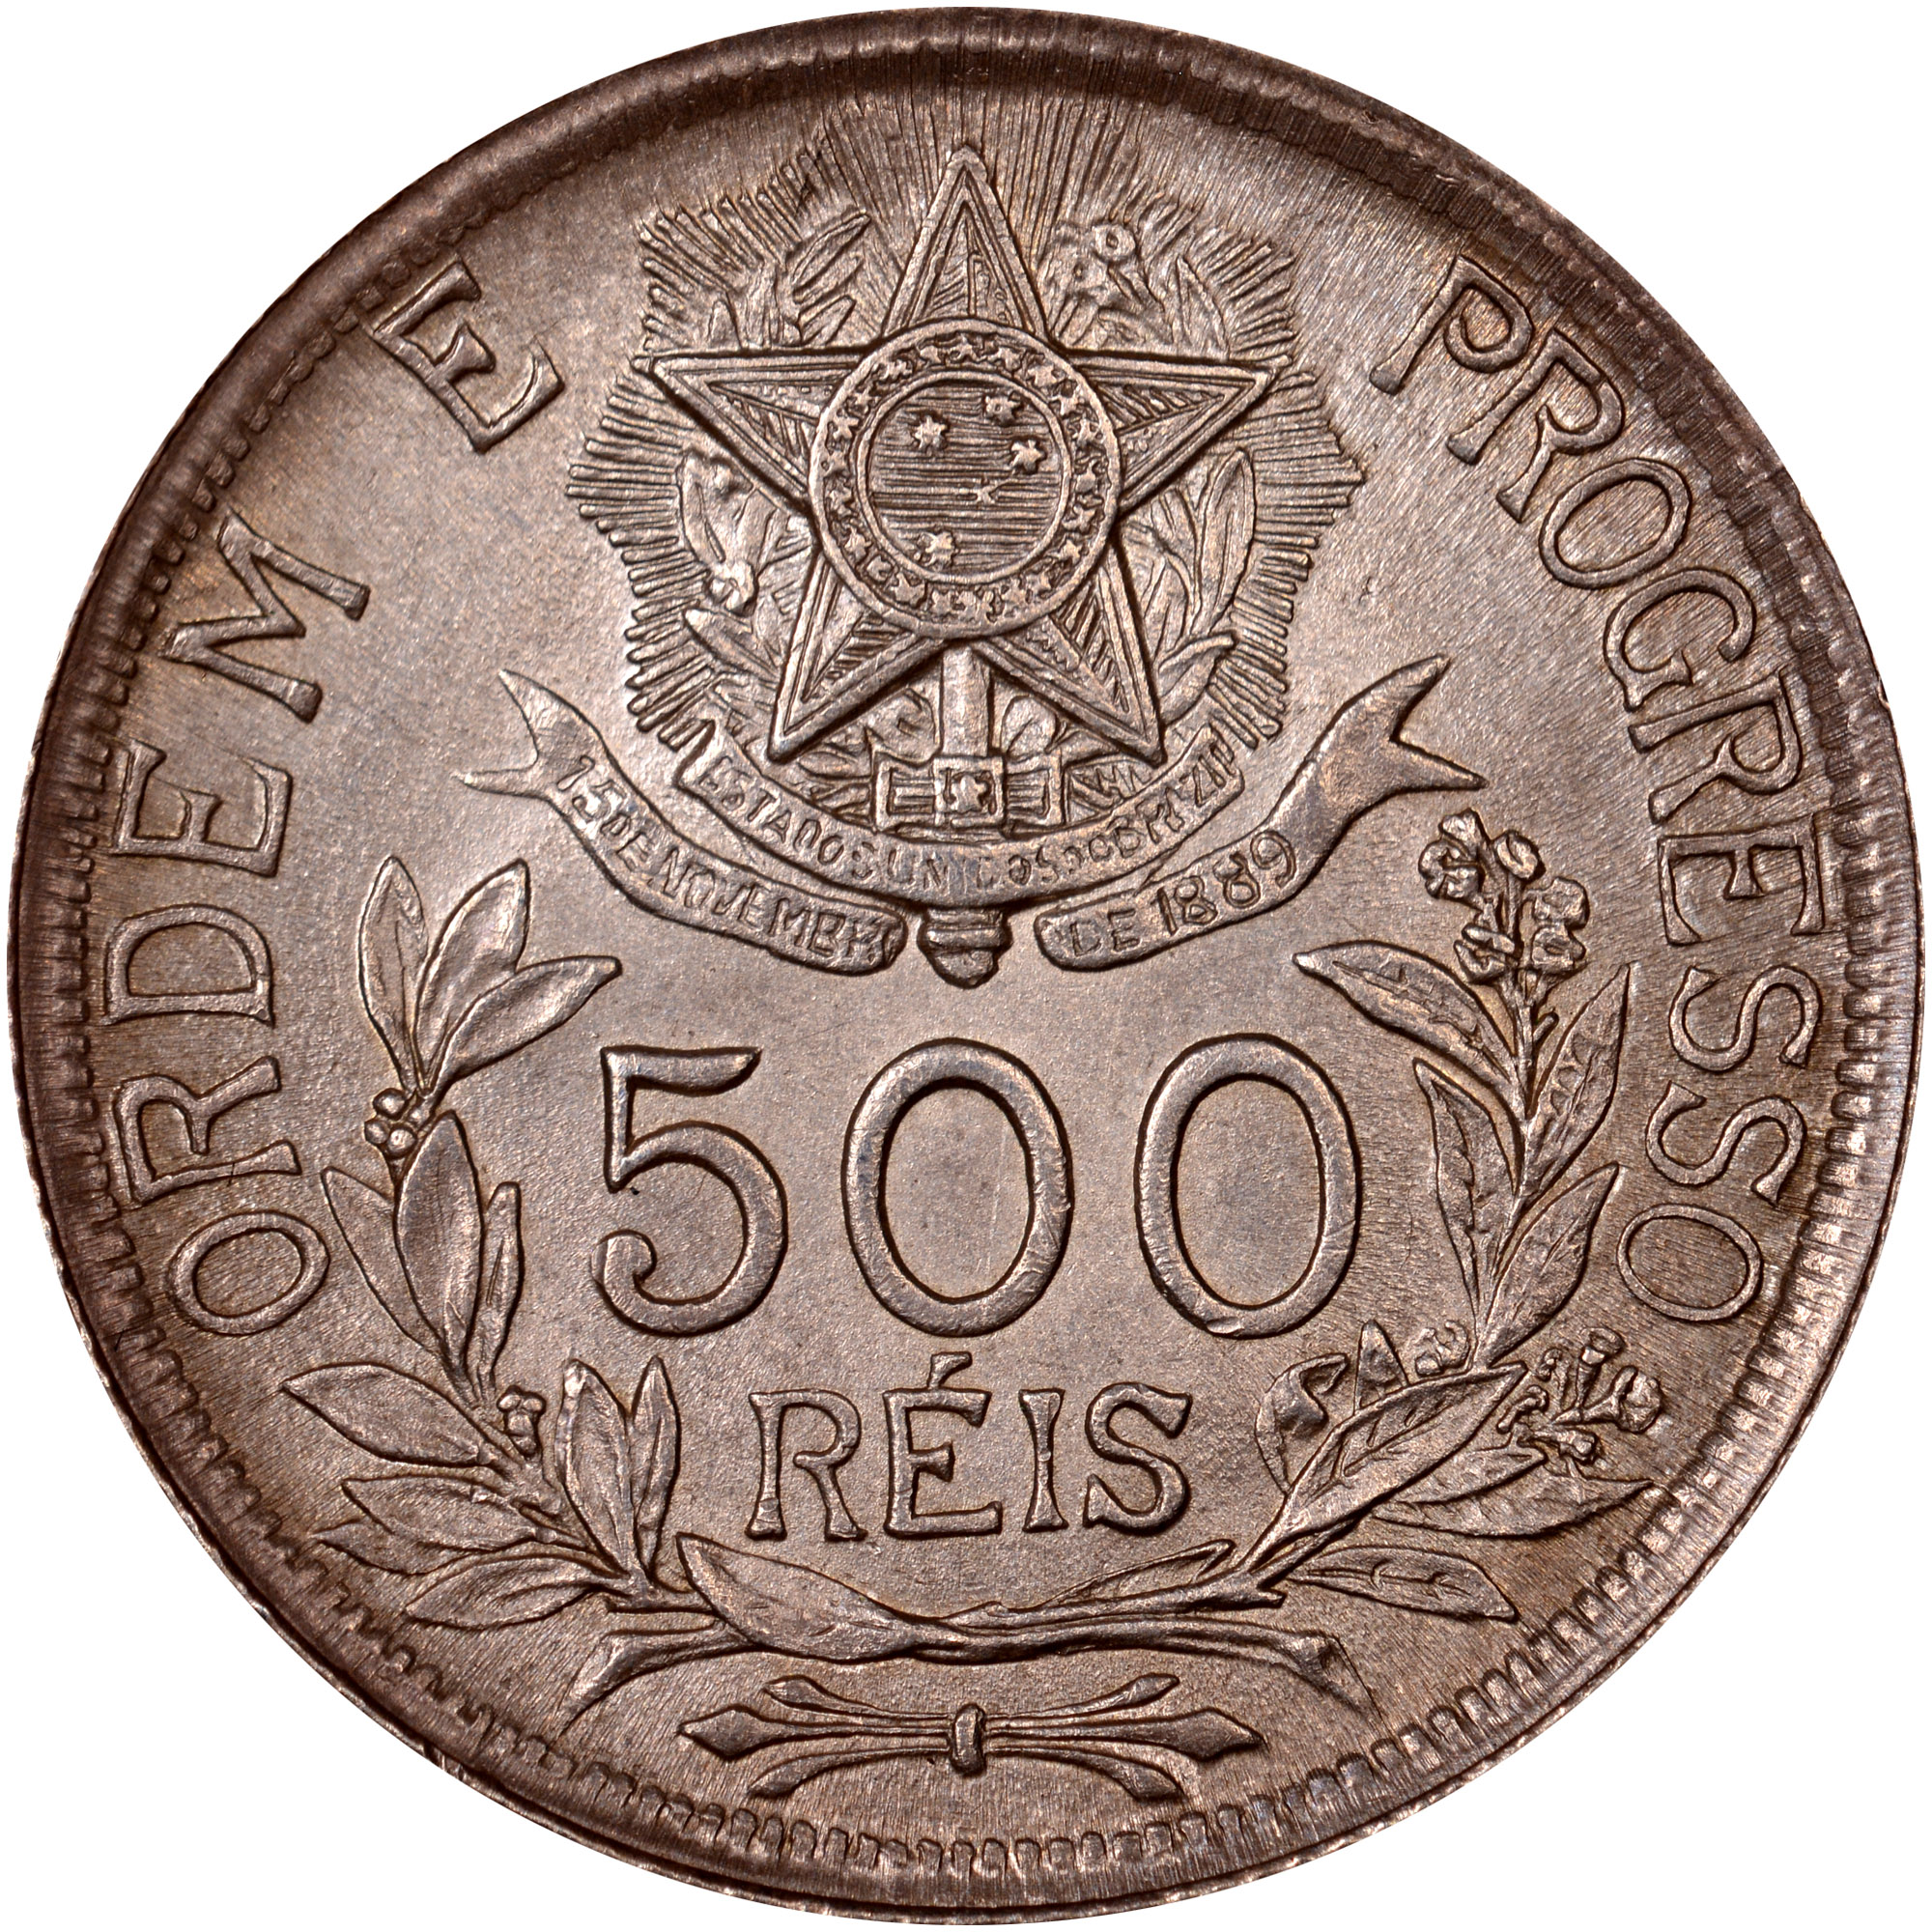 1912 Brazil 500 Reis reverse